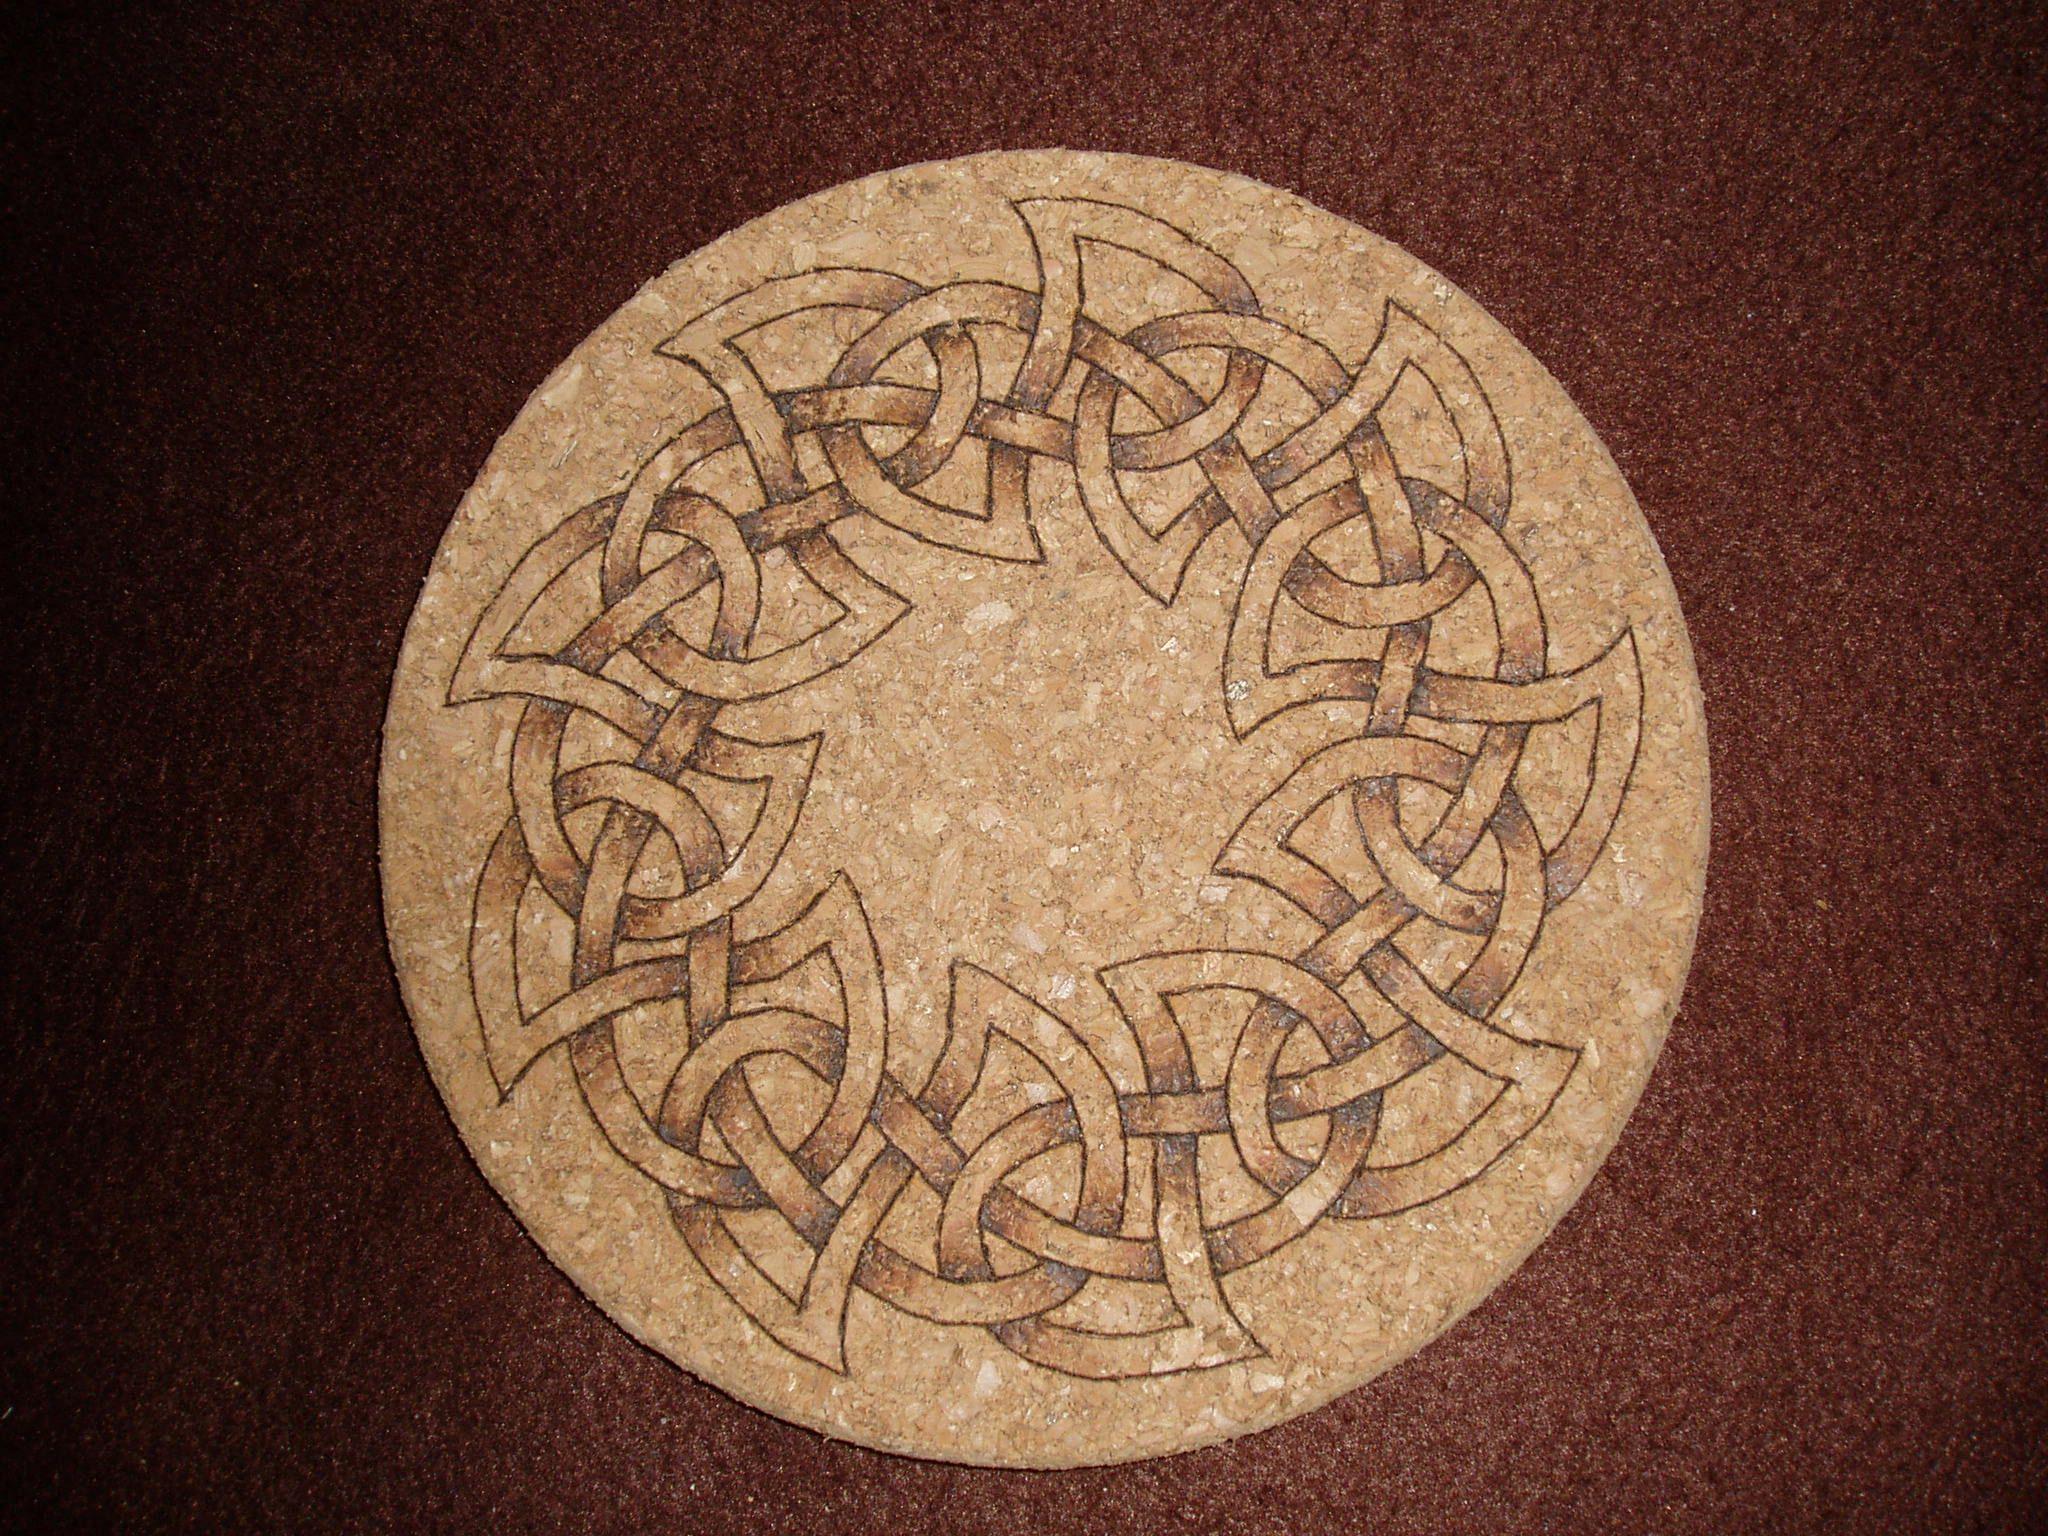 Celtic knot ring on cork mat